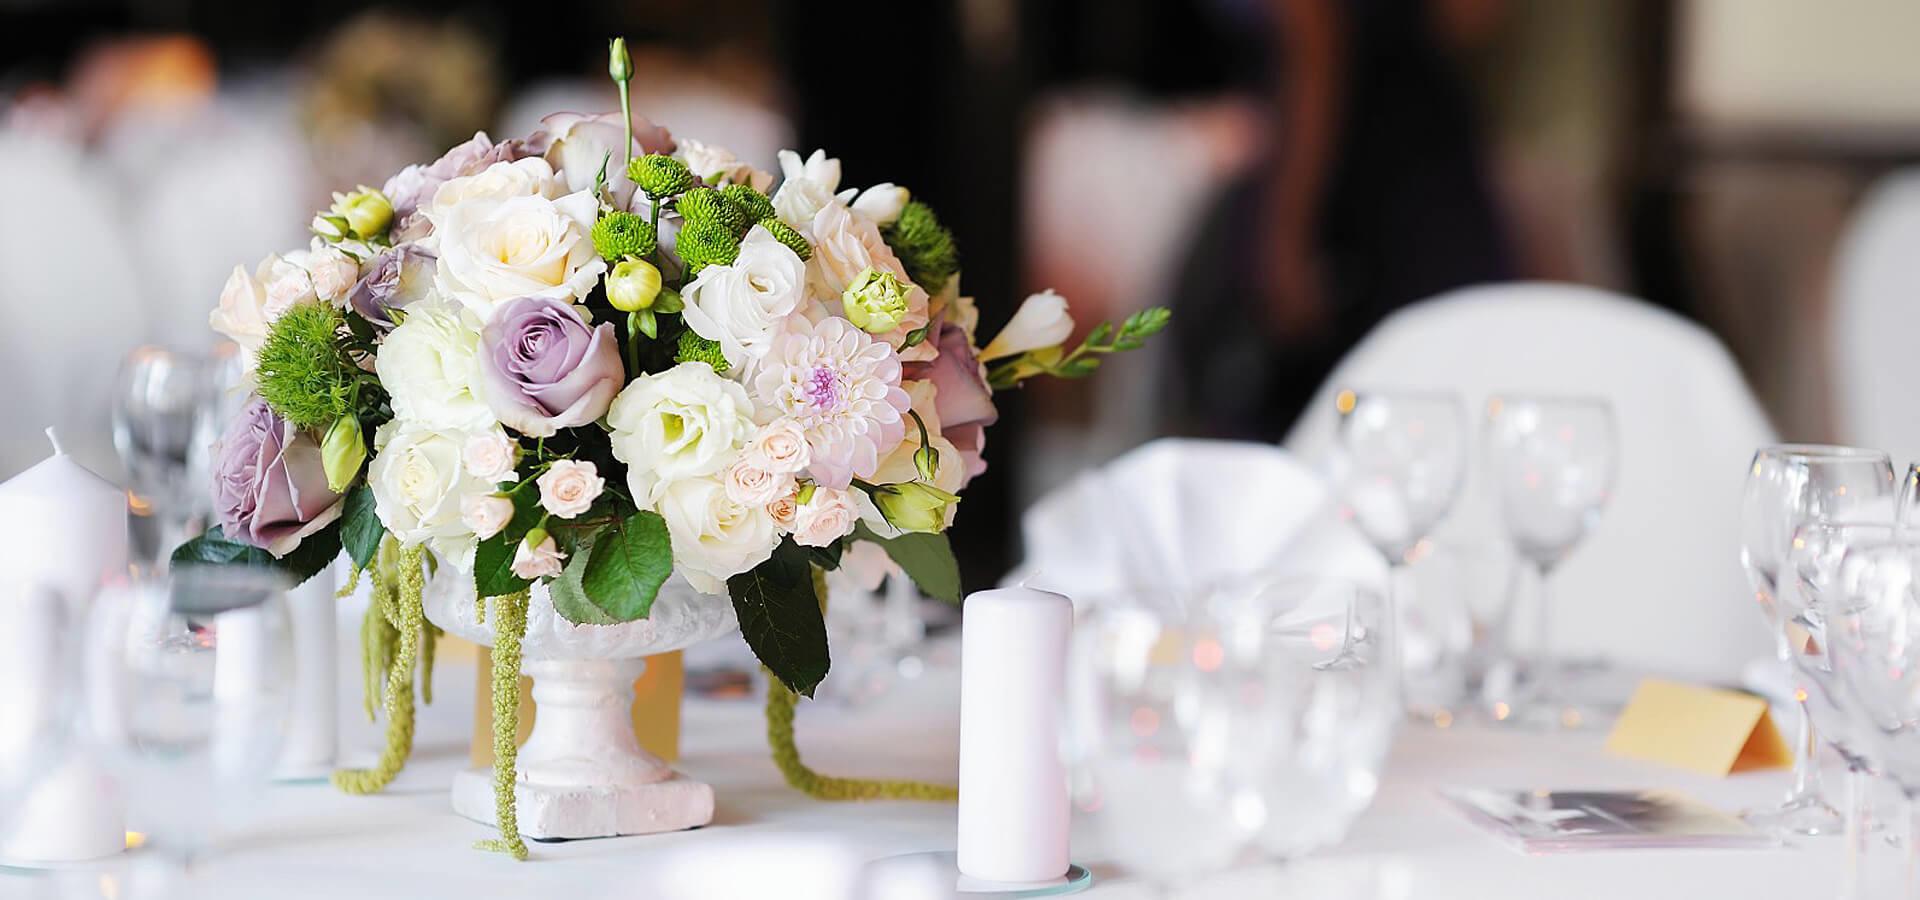 Топ 11 советов легкой подготовки к свадьбе